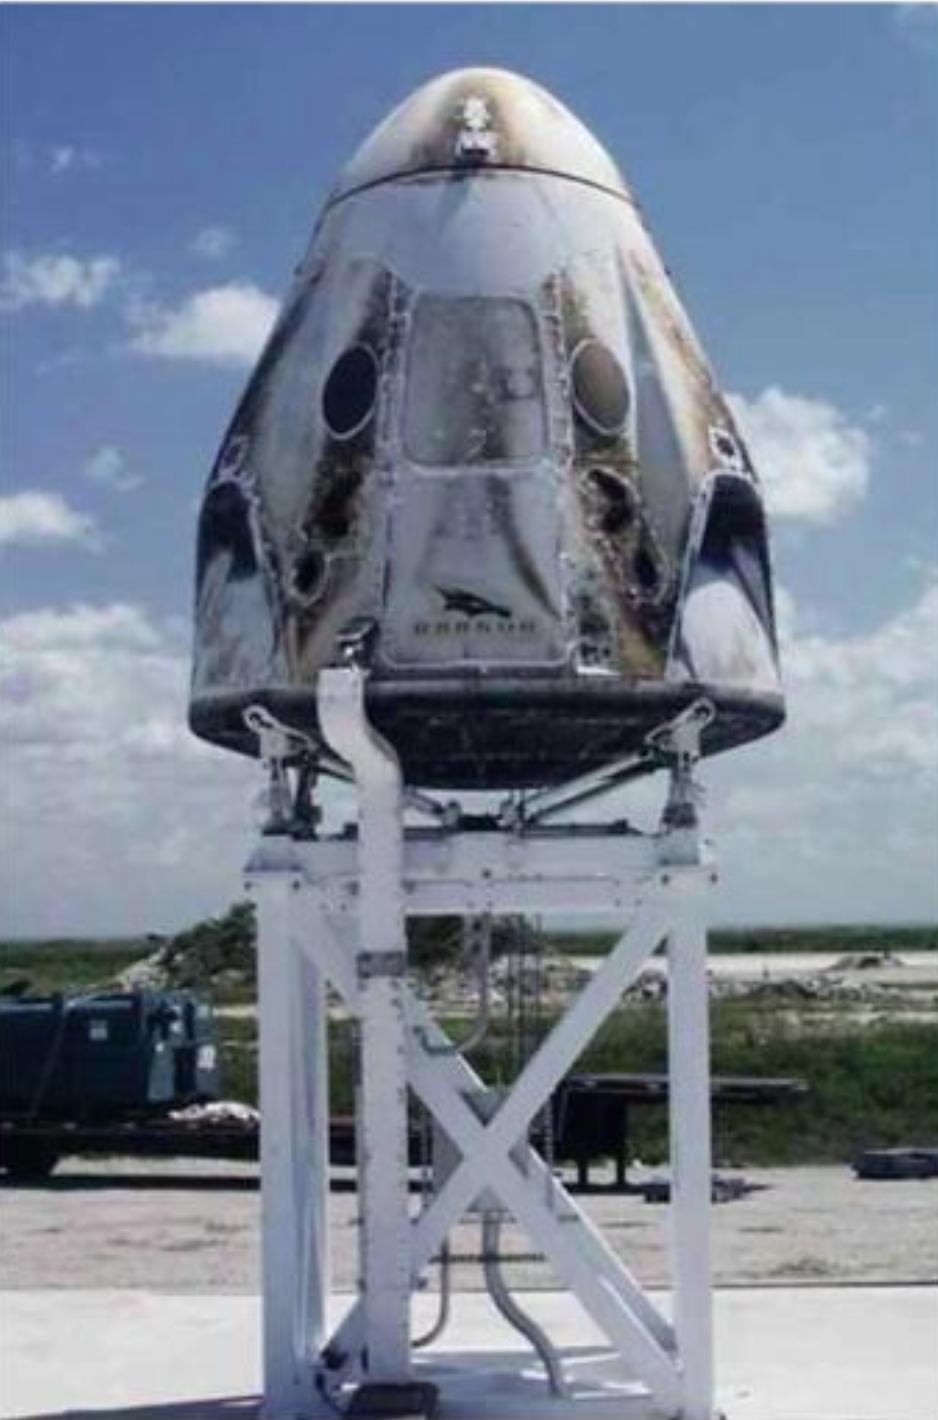 SpaceX ha anunciado que ya sabe por qué explotó la cápsula Crew Dragon DM-1